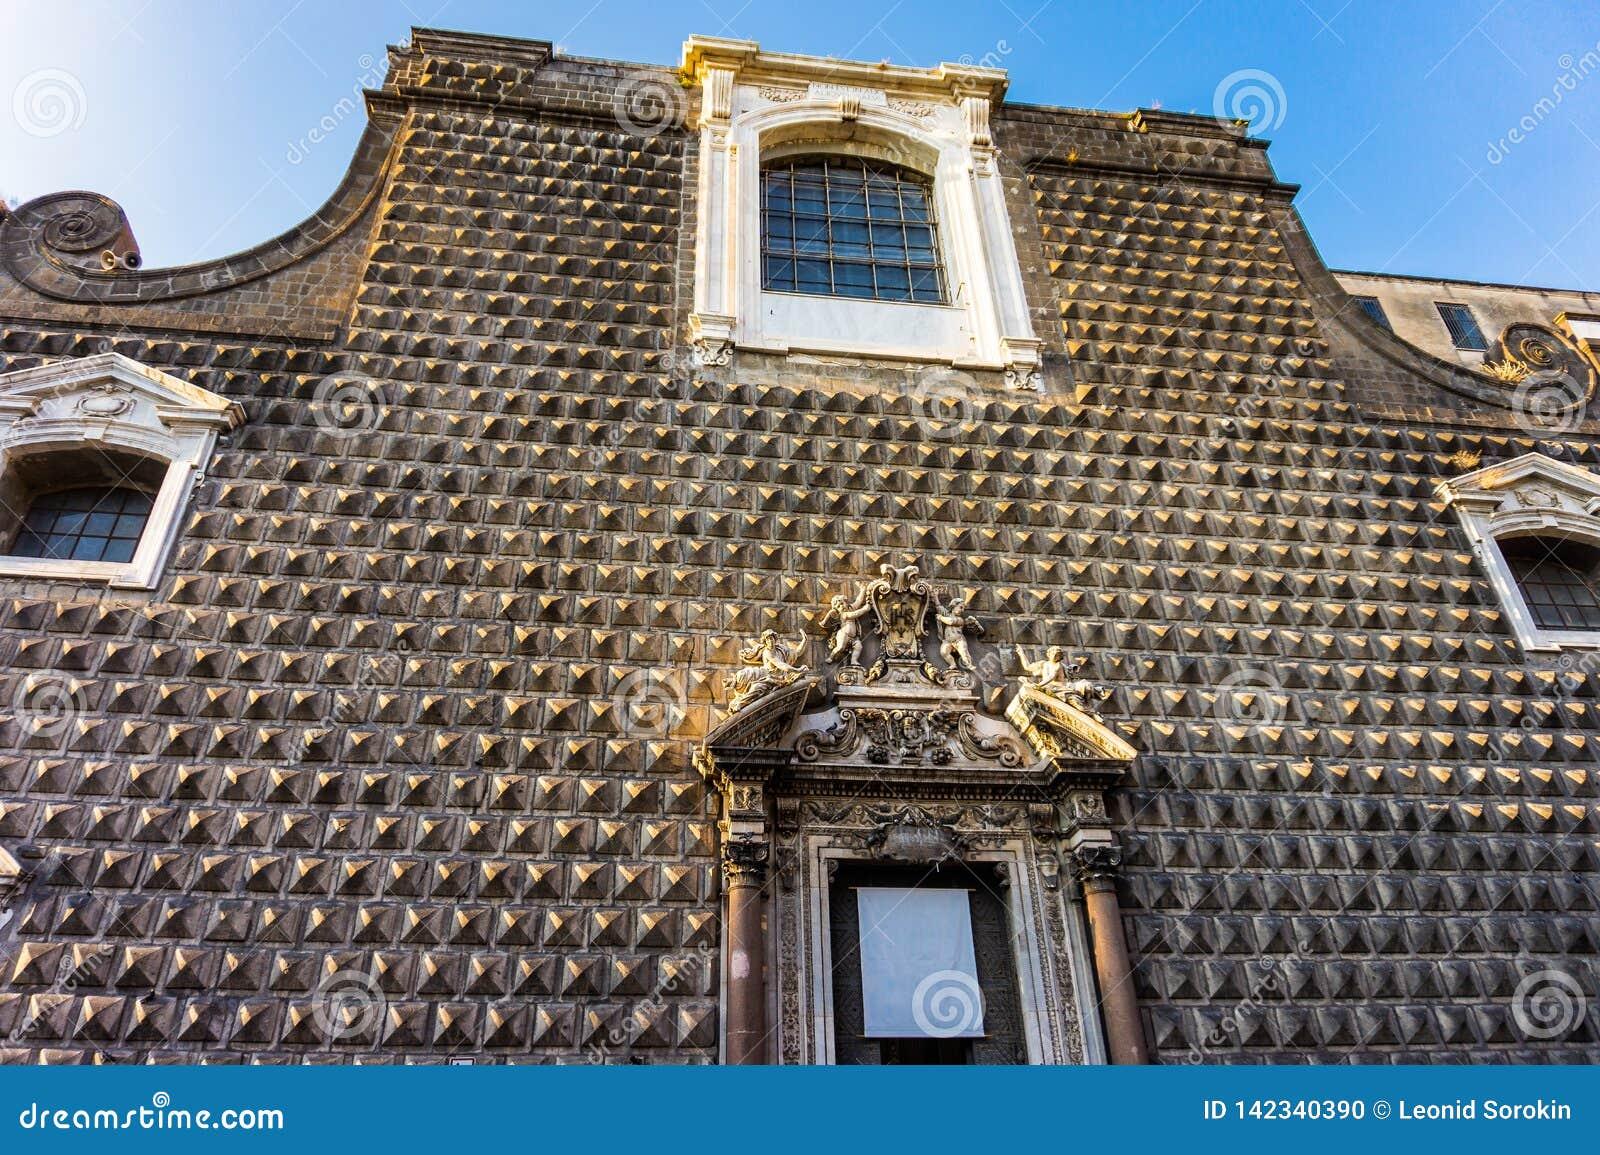 Fassade der Kirche Gesu Nuovo von Neapel mit Pyramidenverdrängungen